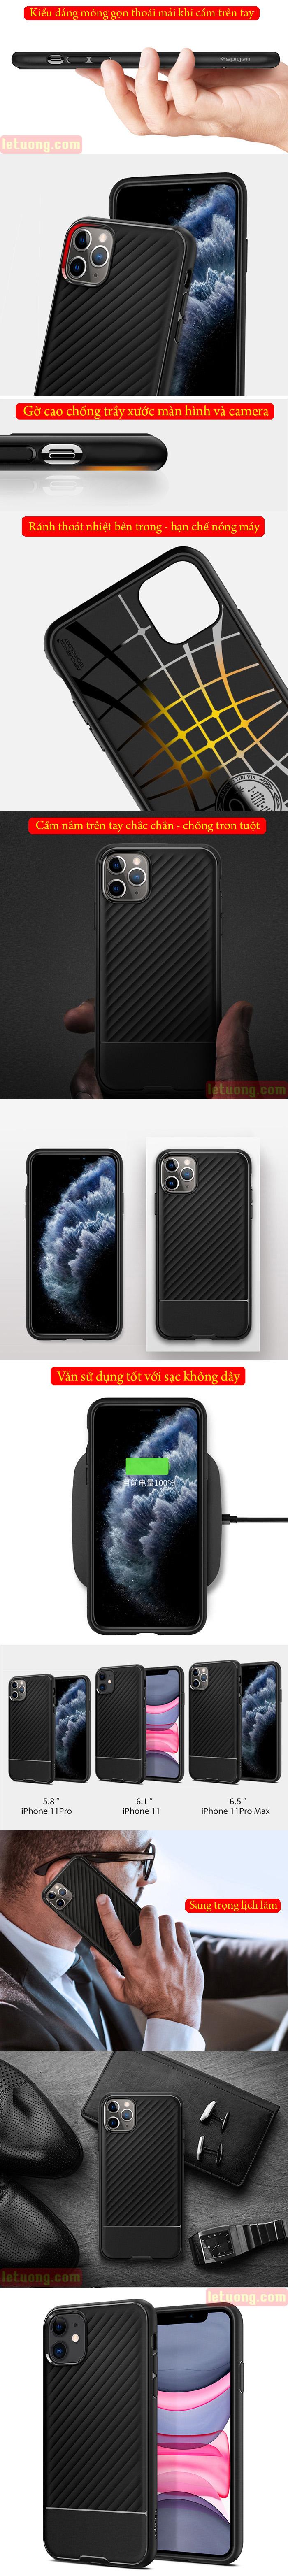 Ốp lưng iPhone 11 Spigen Core Armor  vân gợn sóng ( hàng USA ) 5